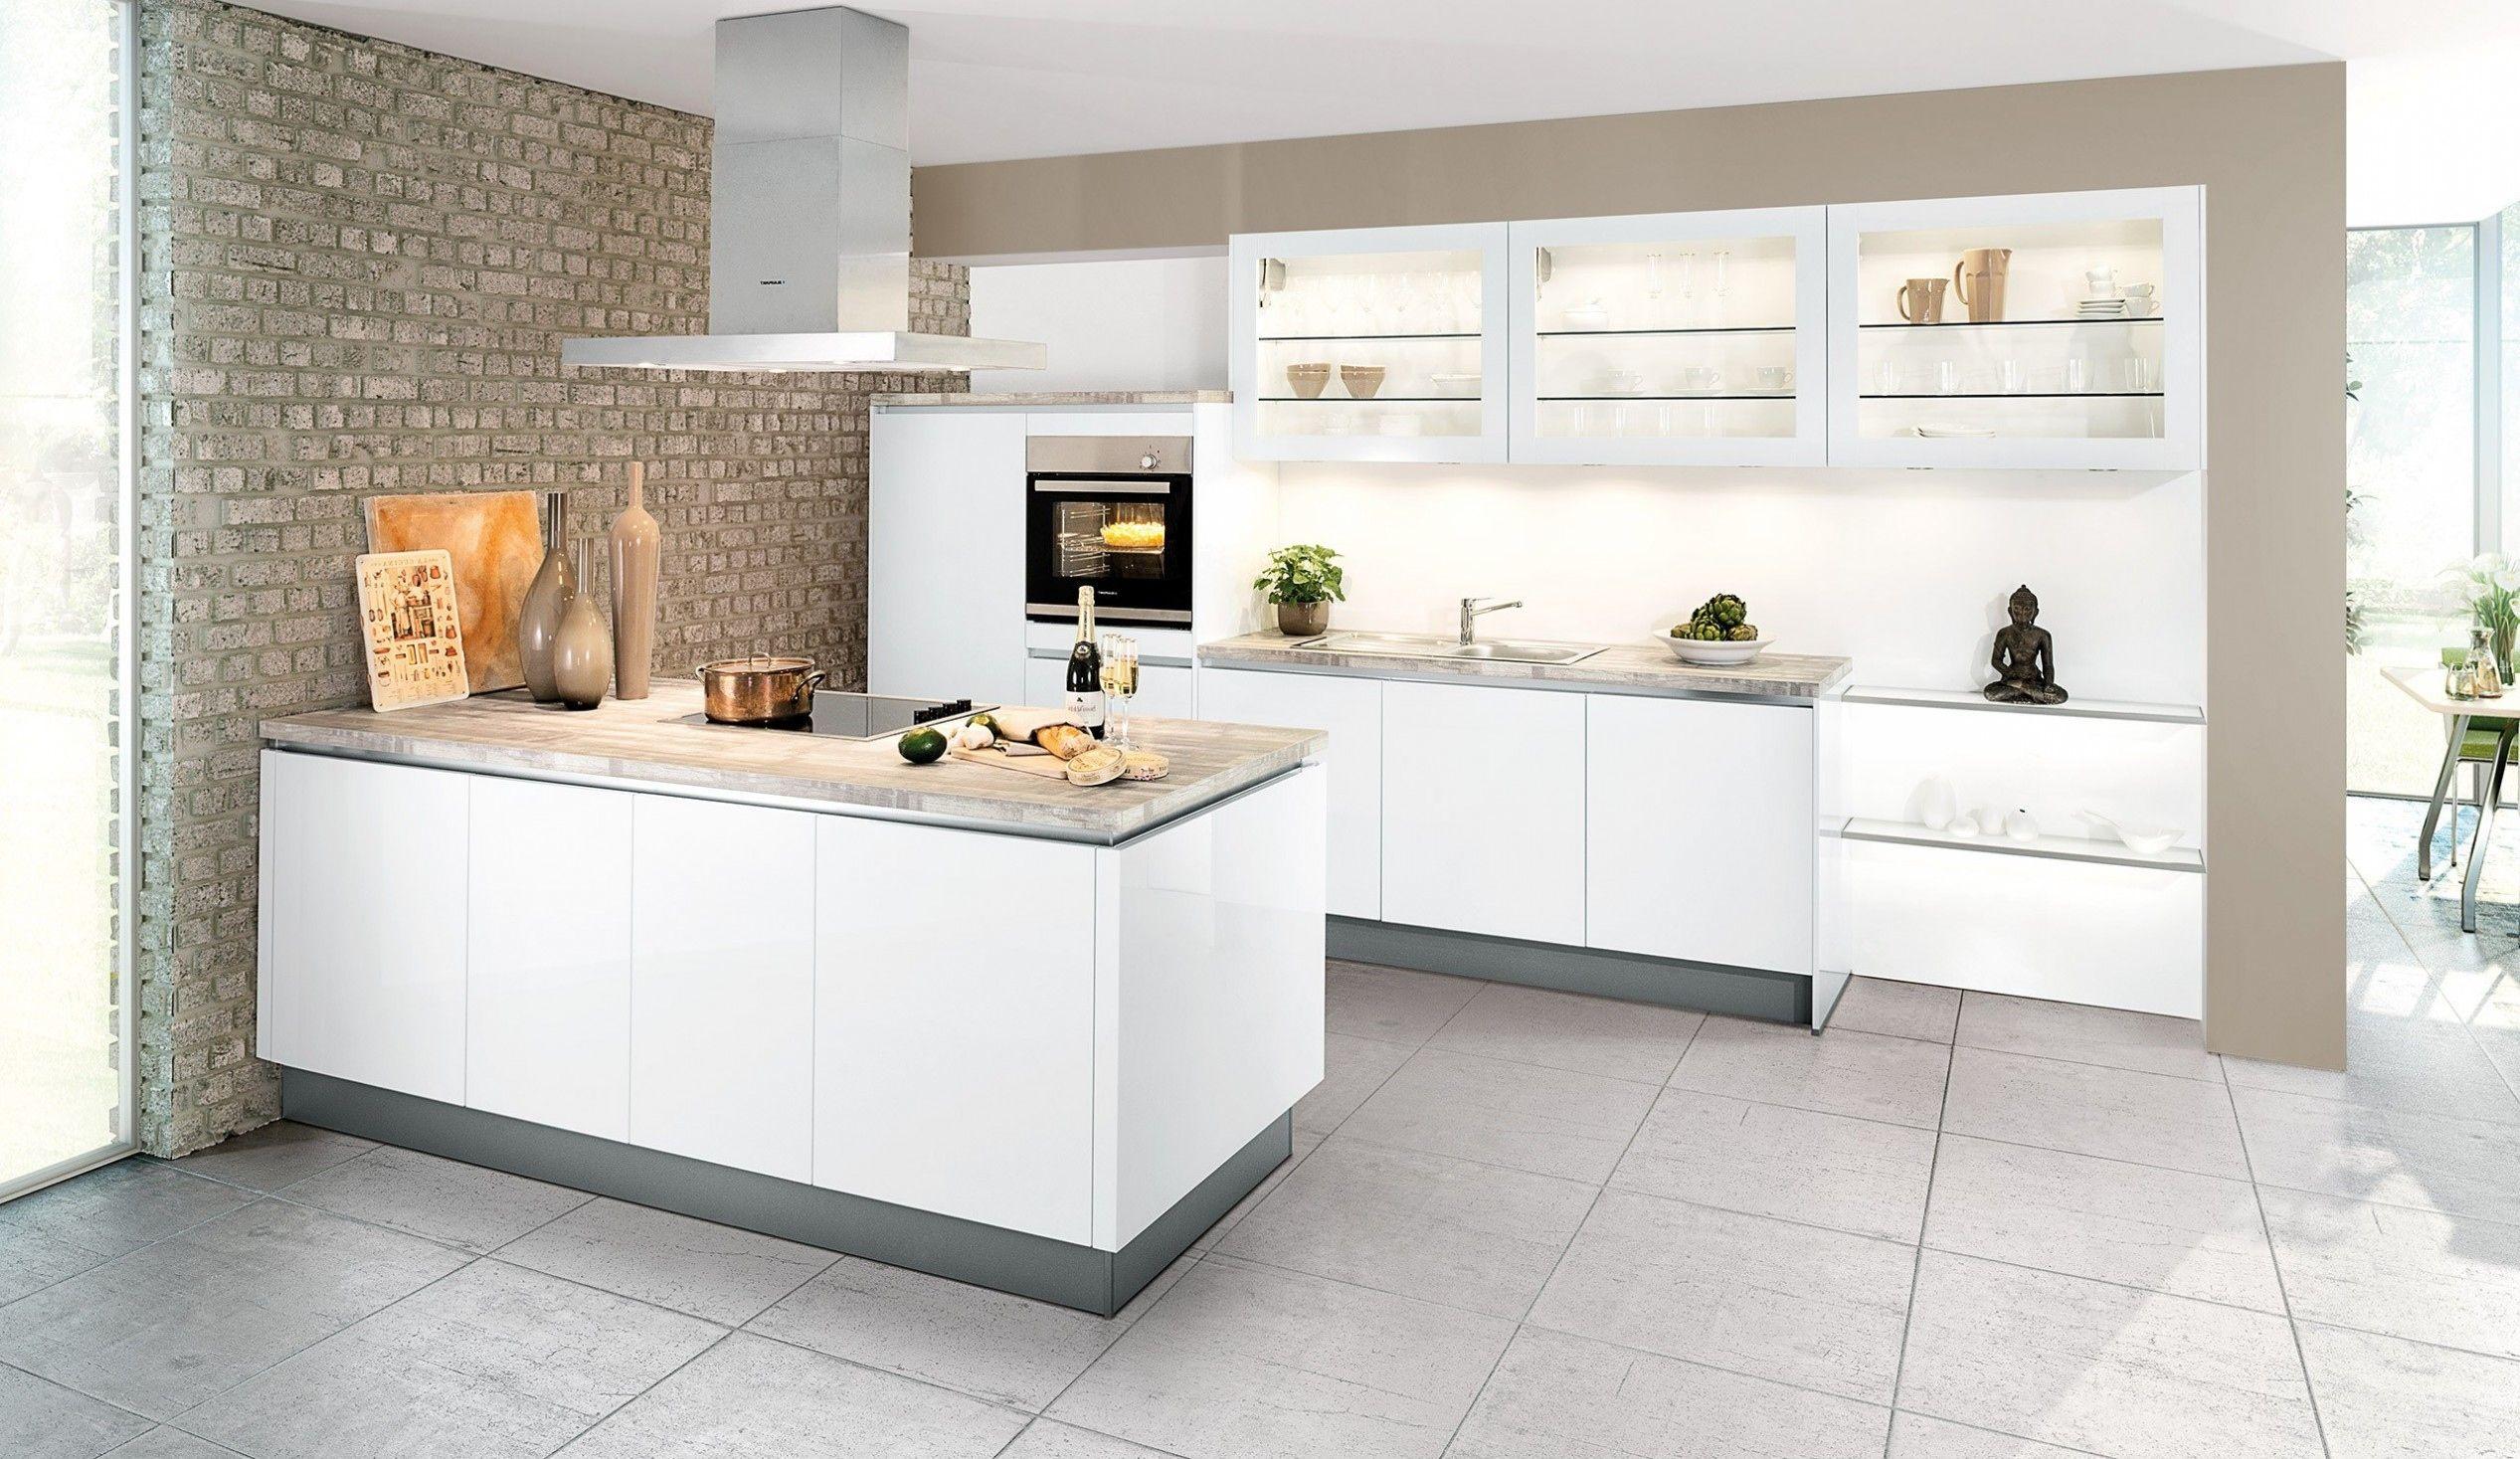 33 Luxus Einbaukuche Ja Oder Nein Kitchen House Design Home Design